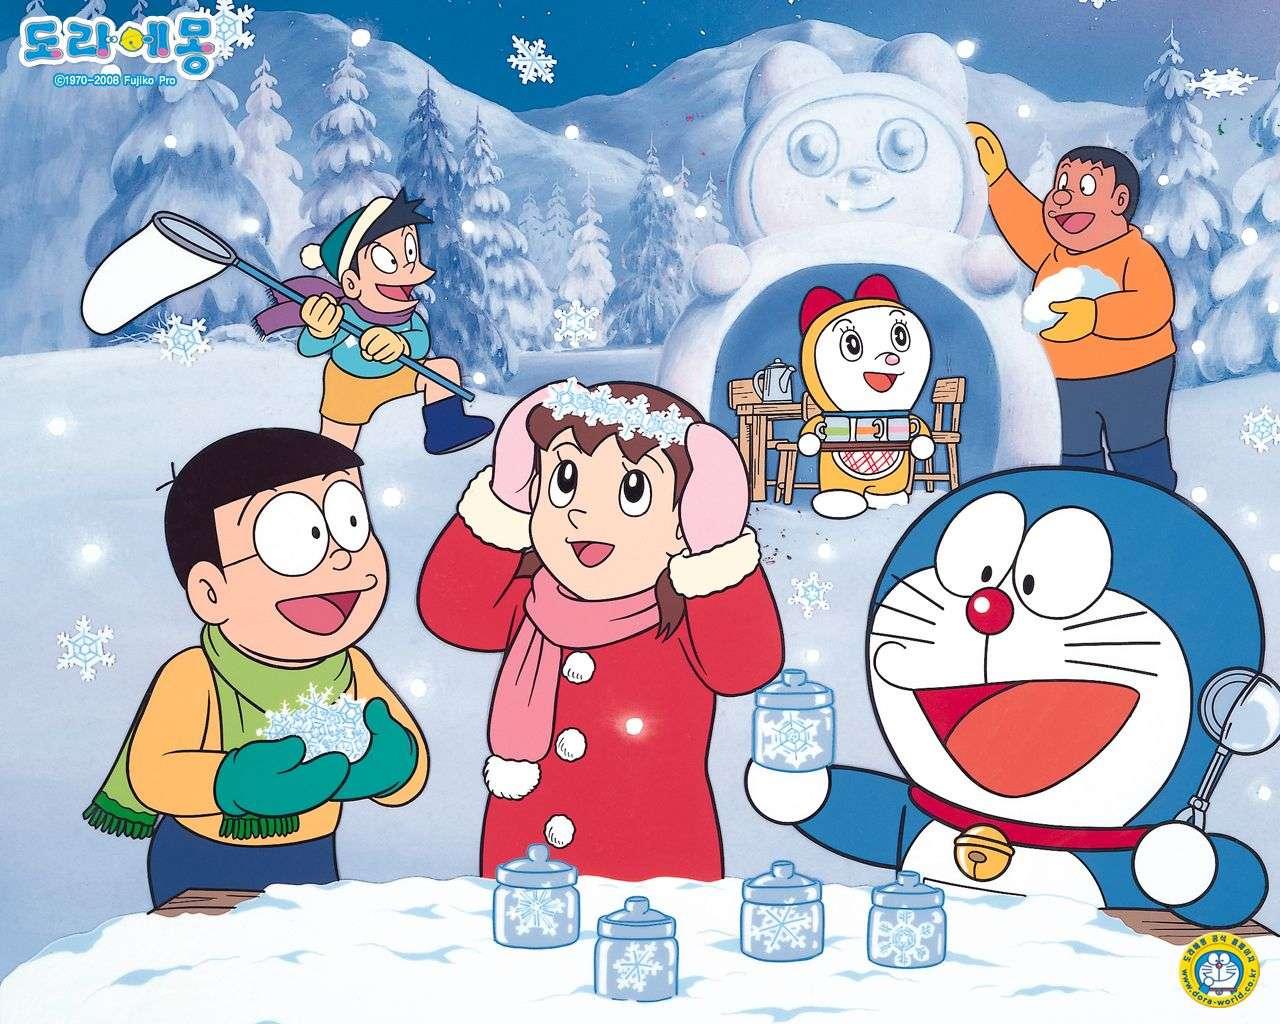 Doraemon.jpg